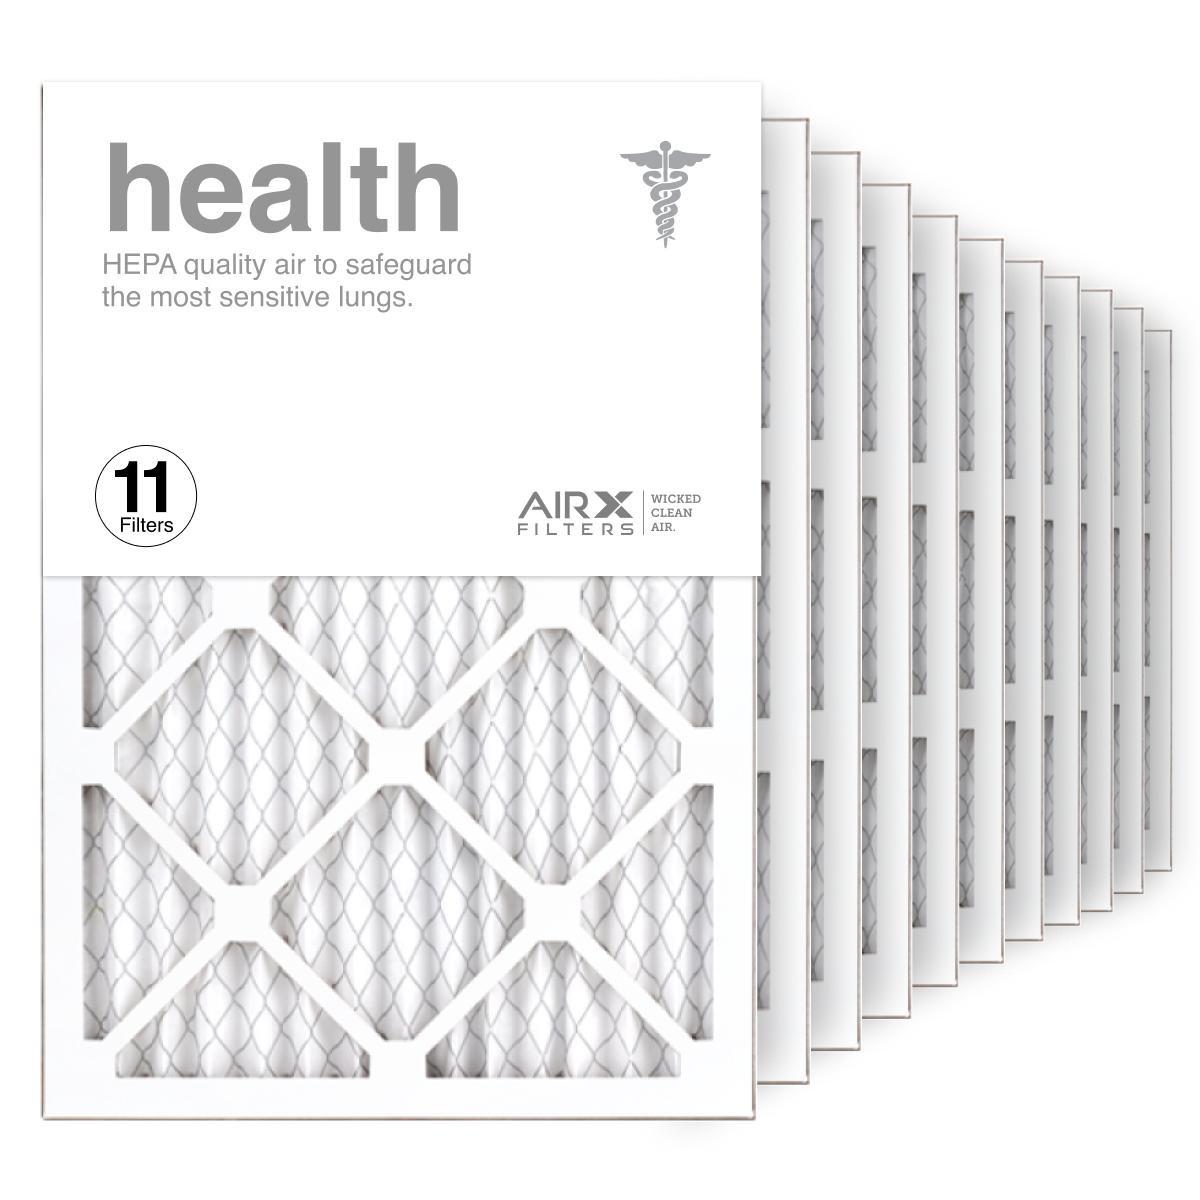 14x20x1 AIRx HEALTH Air Filter, 11-Pack